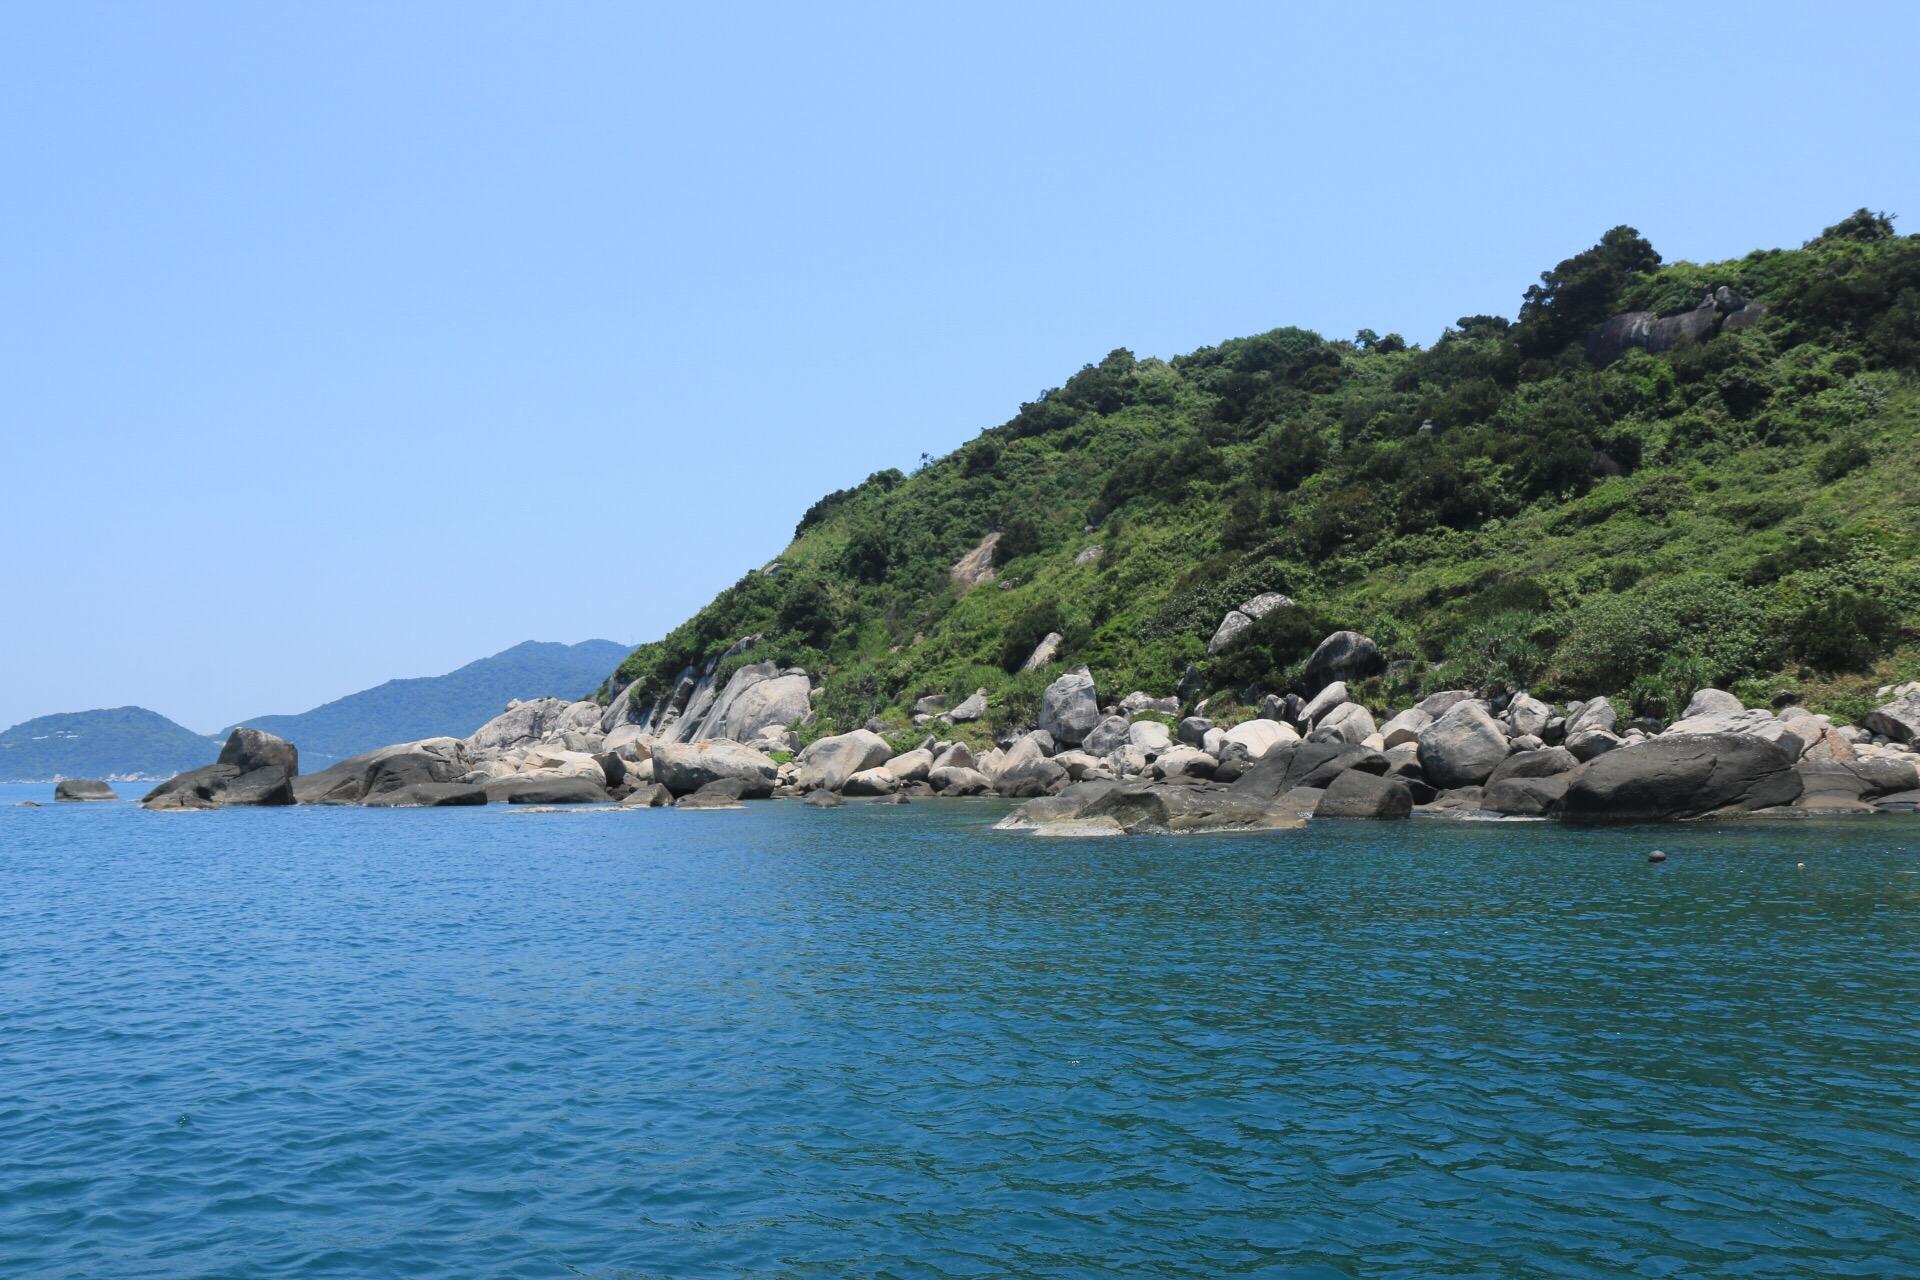 Eine weitere Bucht, hier konnten wir Schnorcheln konnten.